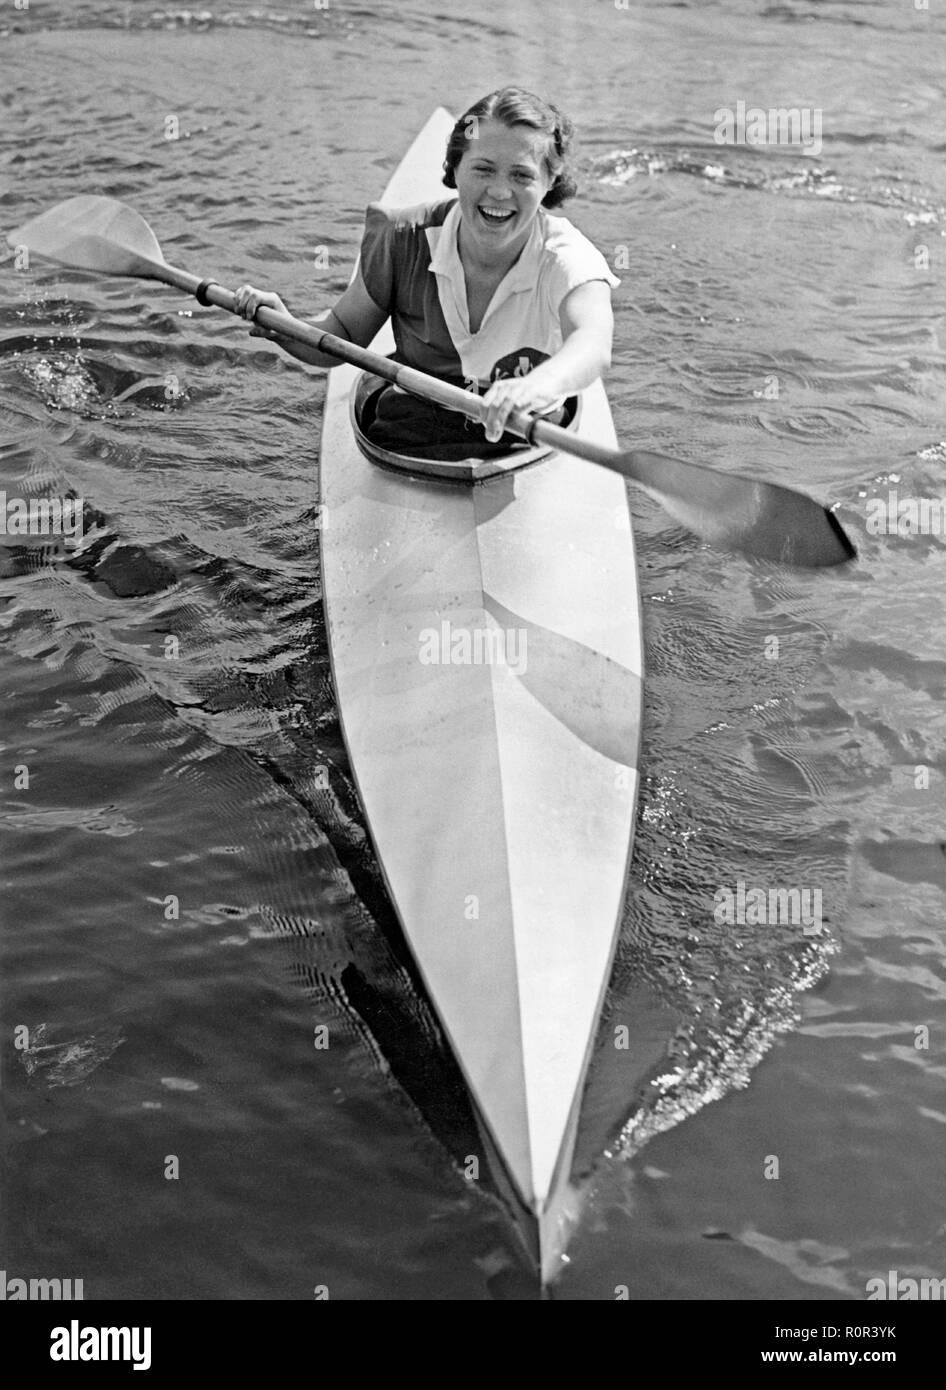 Paddeln Kanu in den 1930er Jahren. Eine junge Frau in einem Kajak, Paddeln auf einem See. Schweden 1937 Stockbild